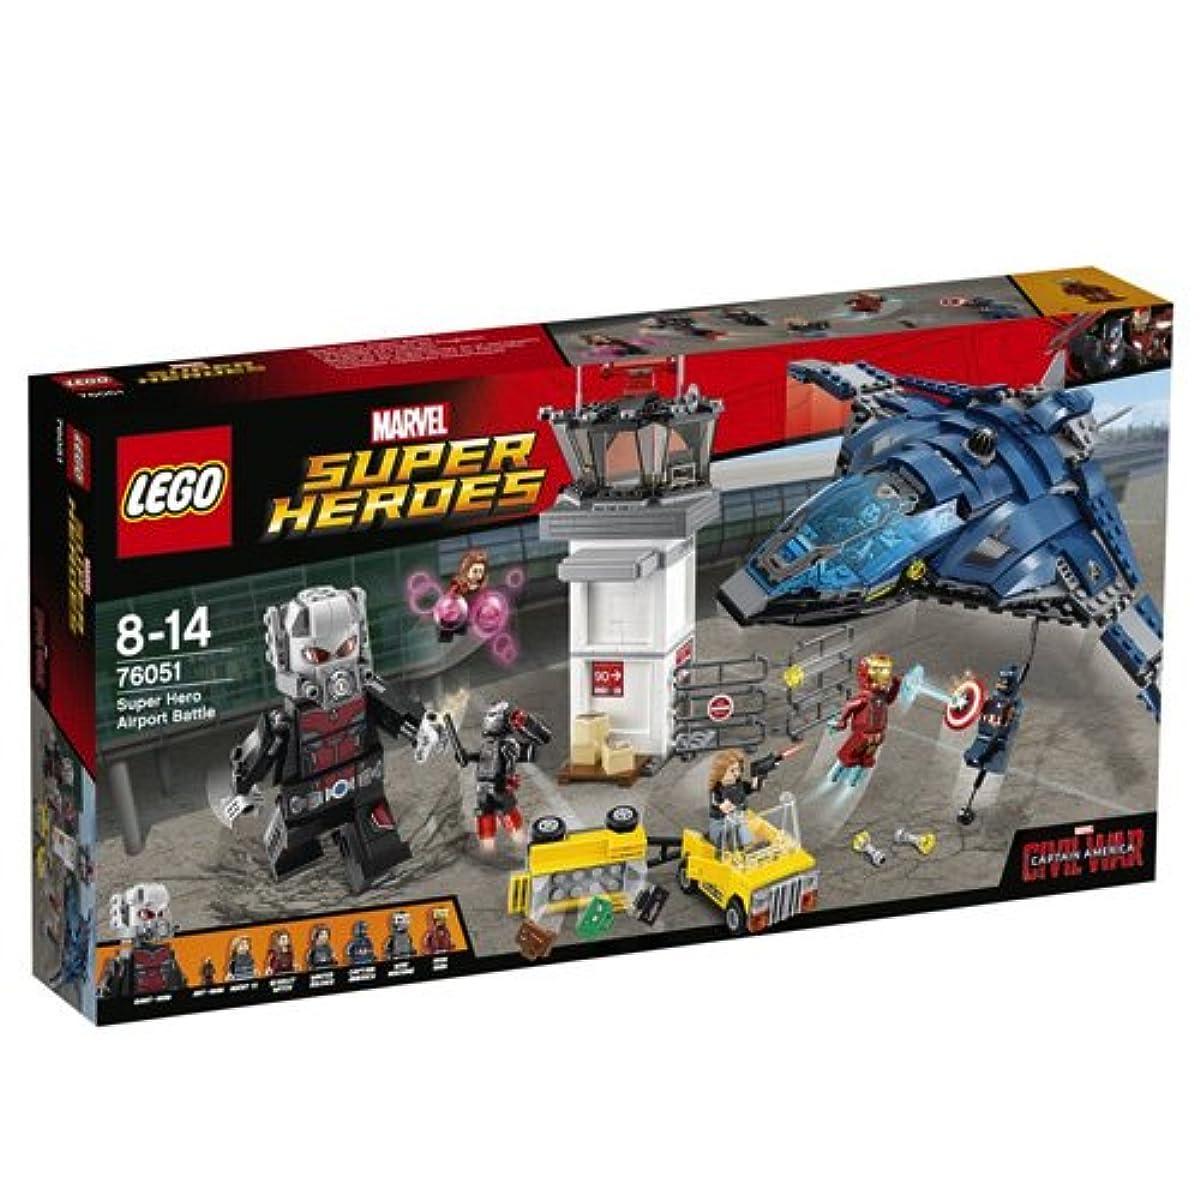 [해외] 레고 (LEGO) 슈퍼히어로즈 슈퍼 히어로 에어포트 배틀 76051-76051 (2016-03-04)